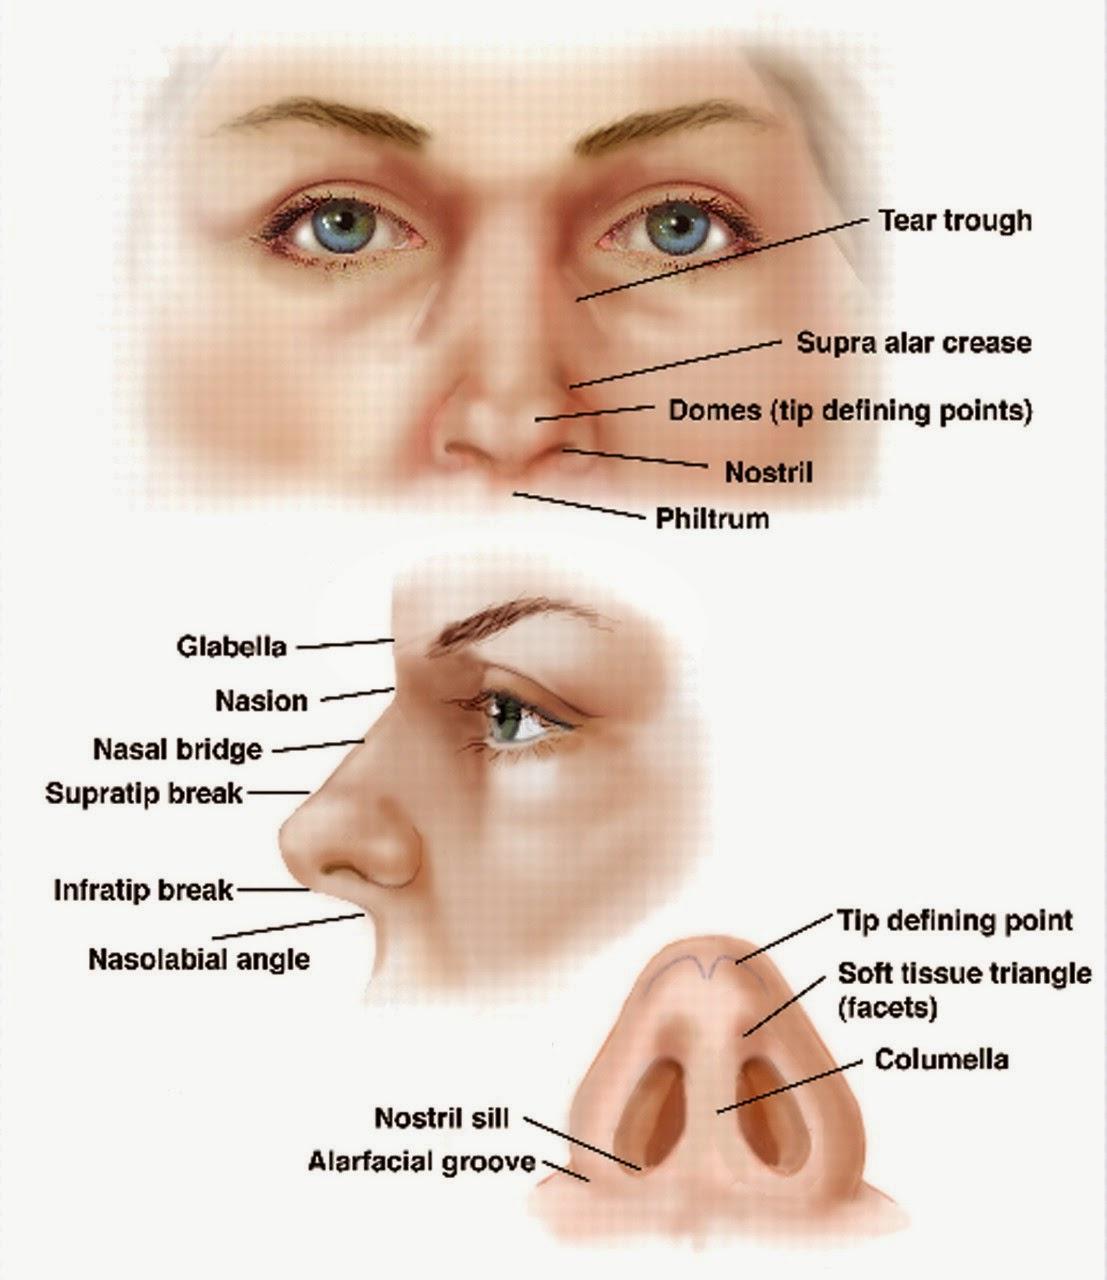 Anatomi Dan Fisiologi Hidung Dan Sinus Paranasalis Artikel Kesehatan